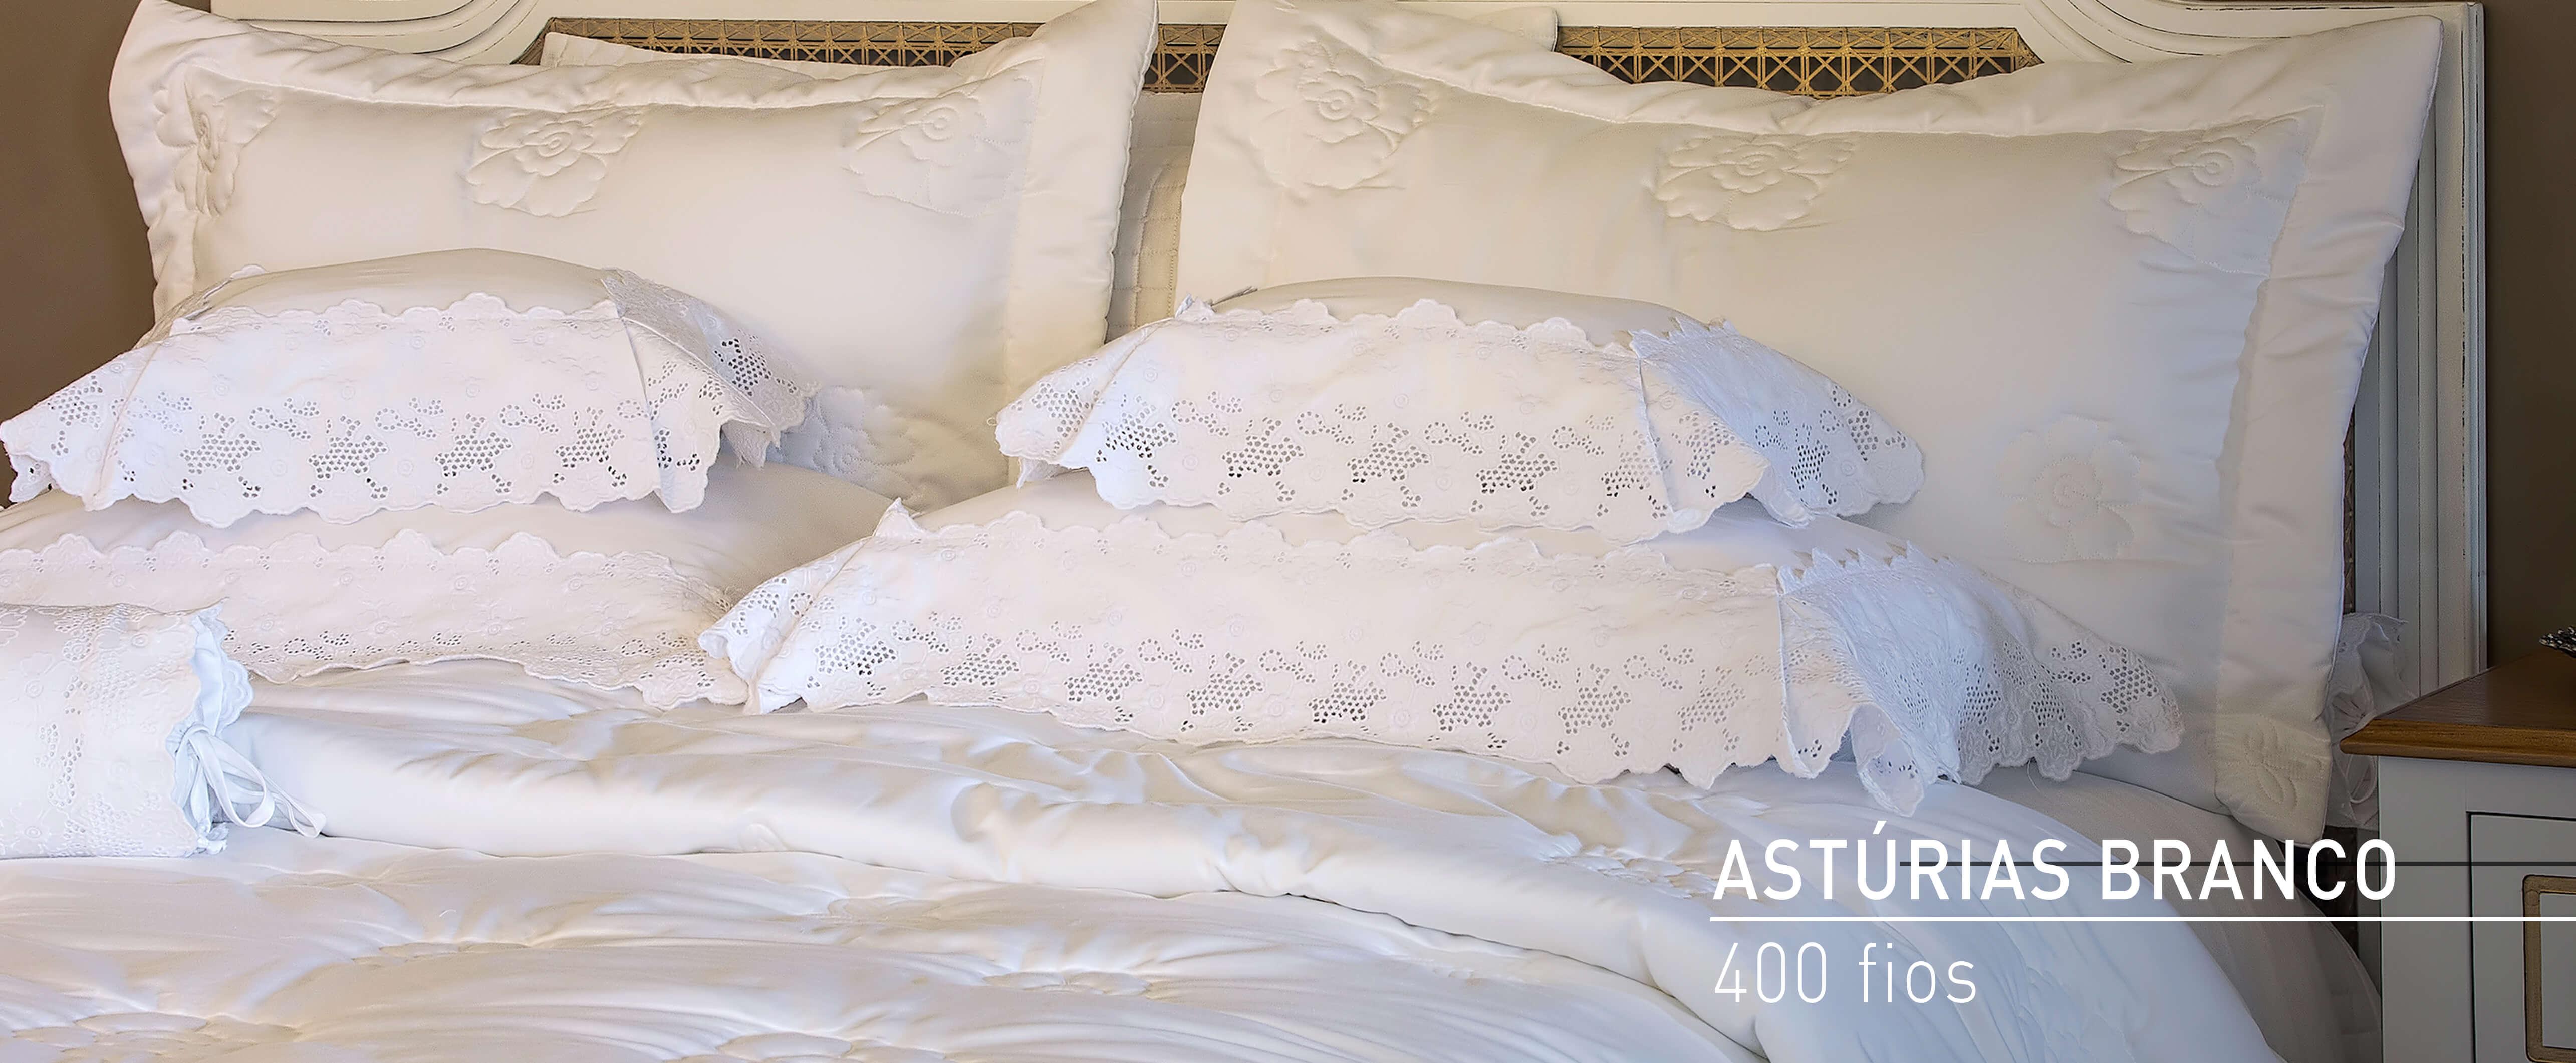 Asturias Branco - Lancamento